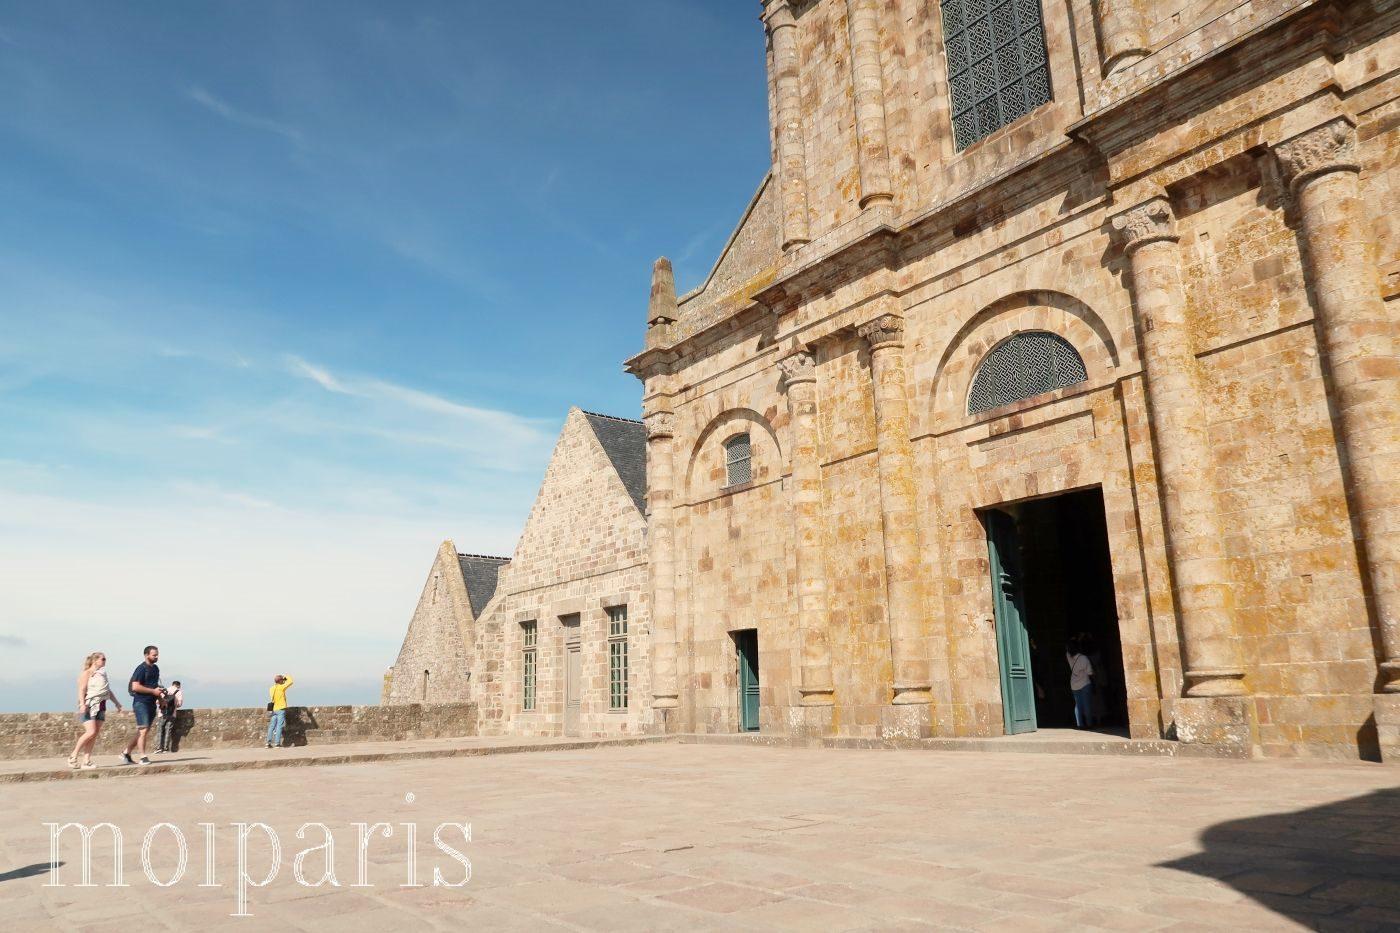 モンサンミッシェル、修道院、西のテラス。